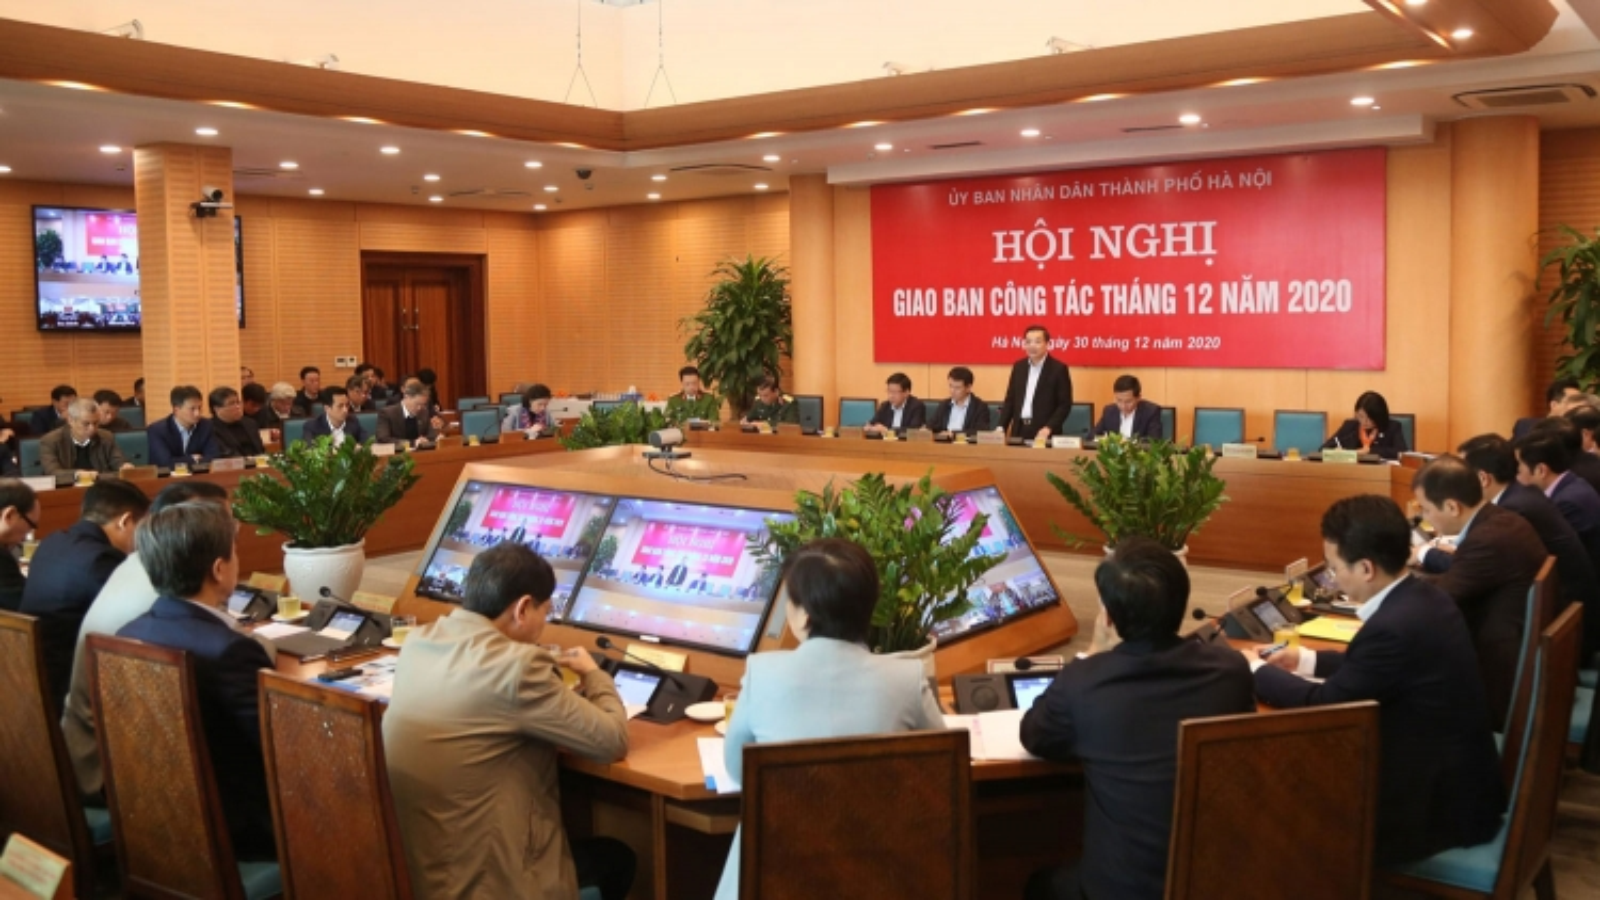 Hà Nội tập trung các giải pháp phục vụ nhân dân đón Tết an toàn, tiết kiệm